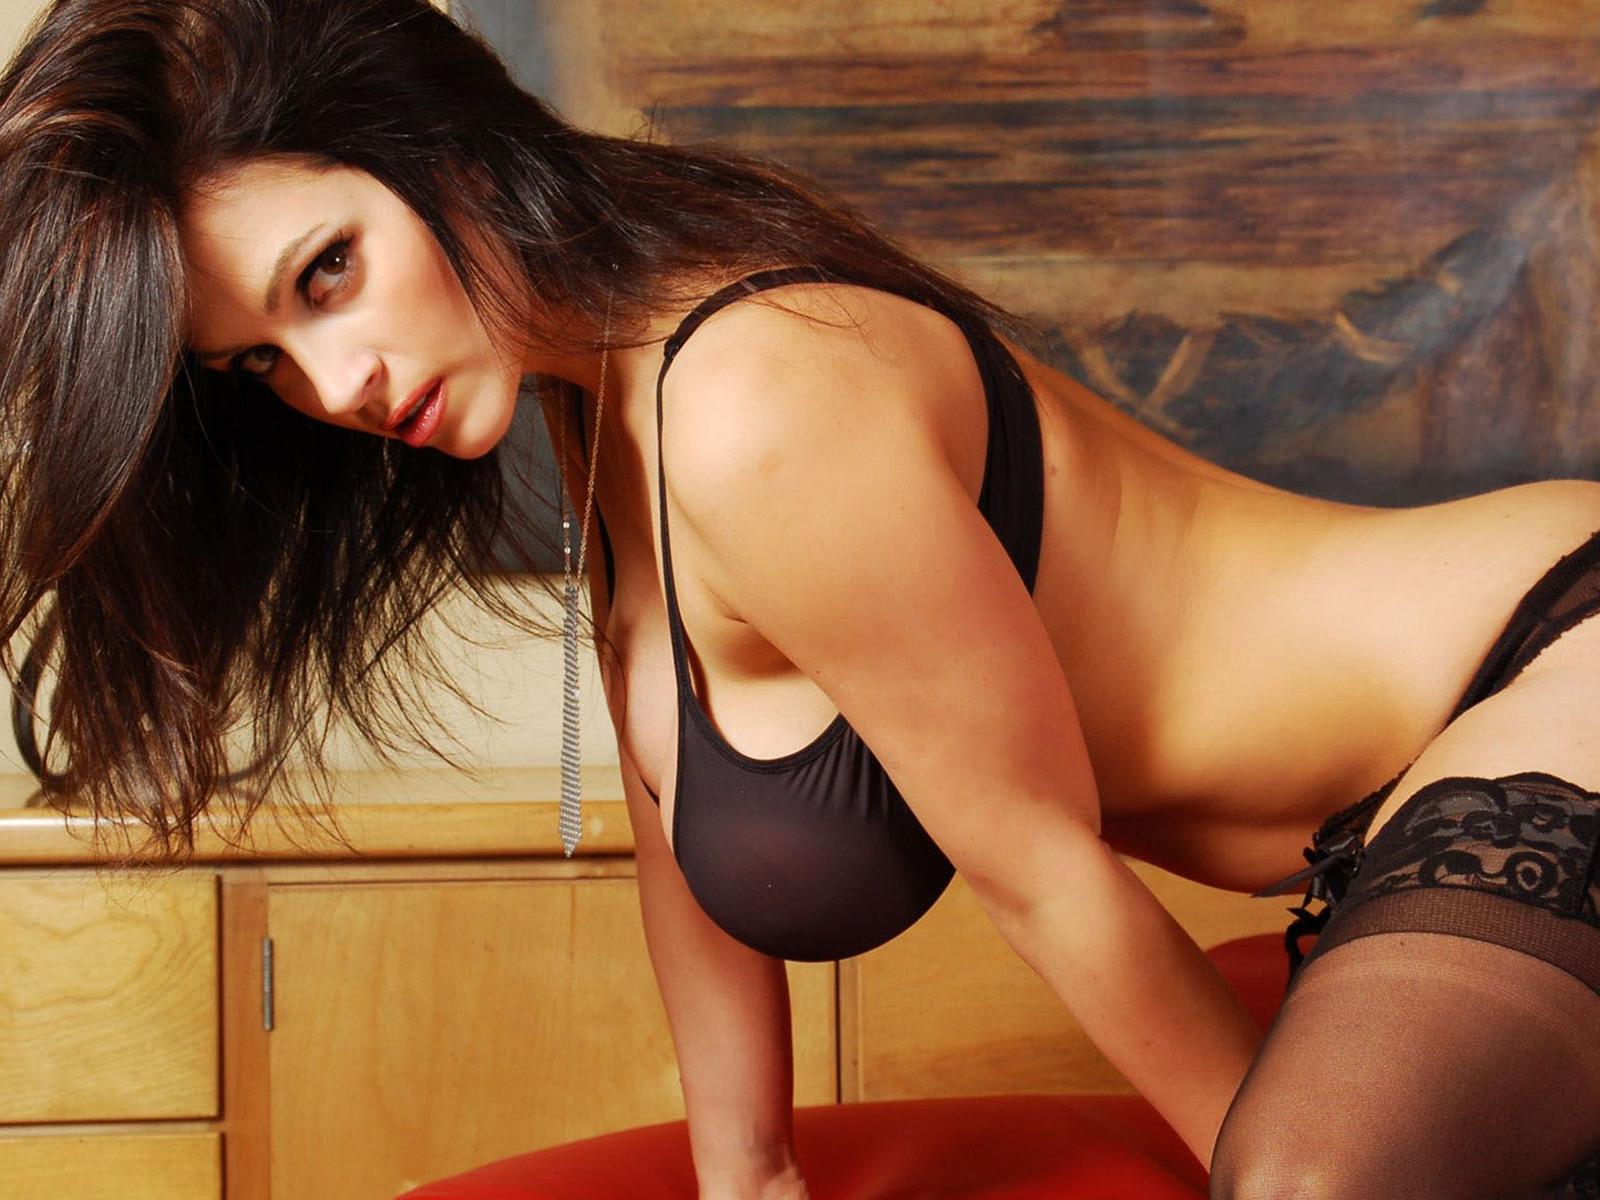 3d seximages net nackt women